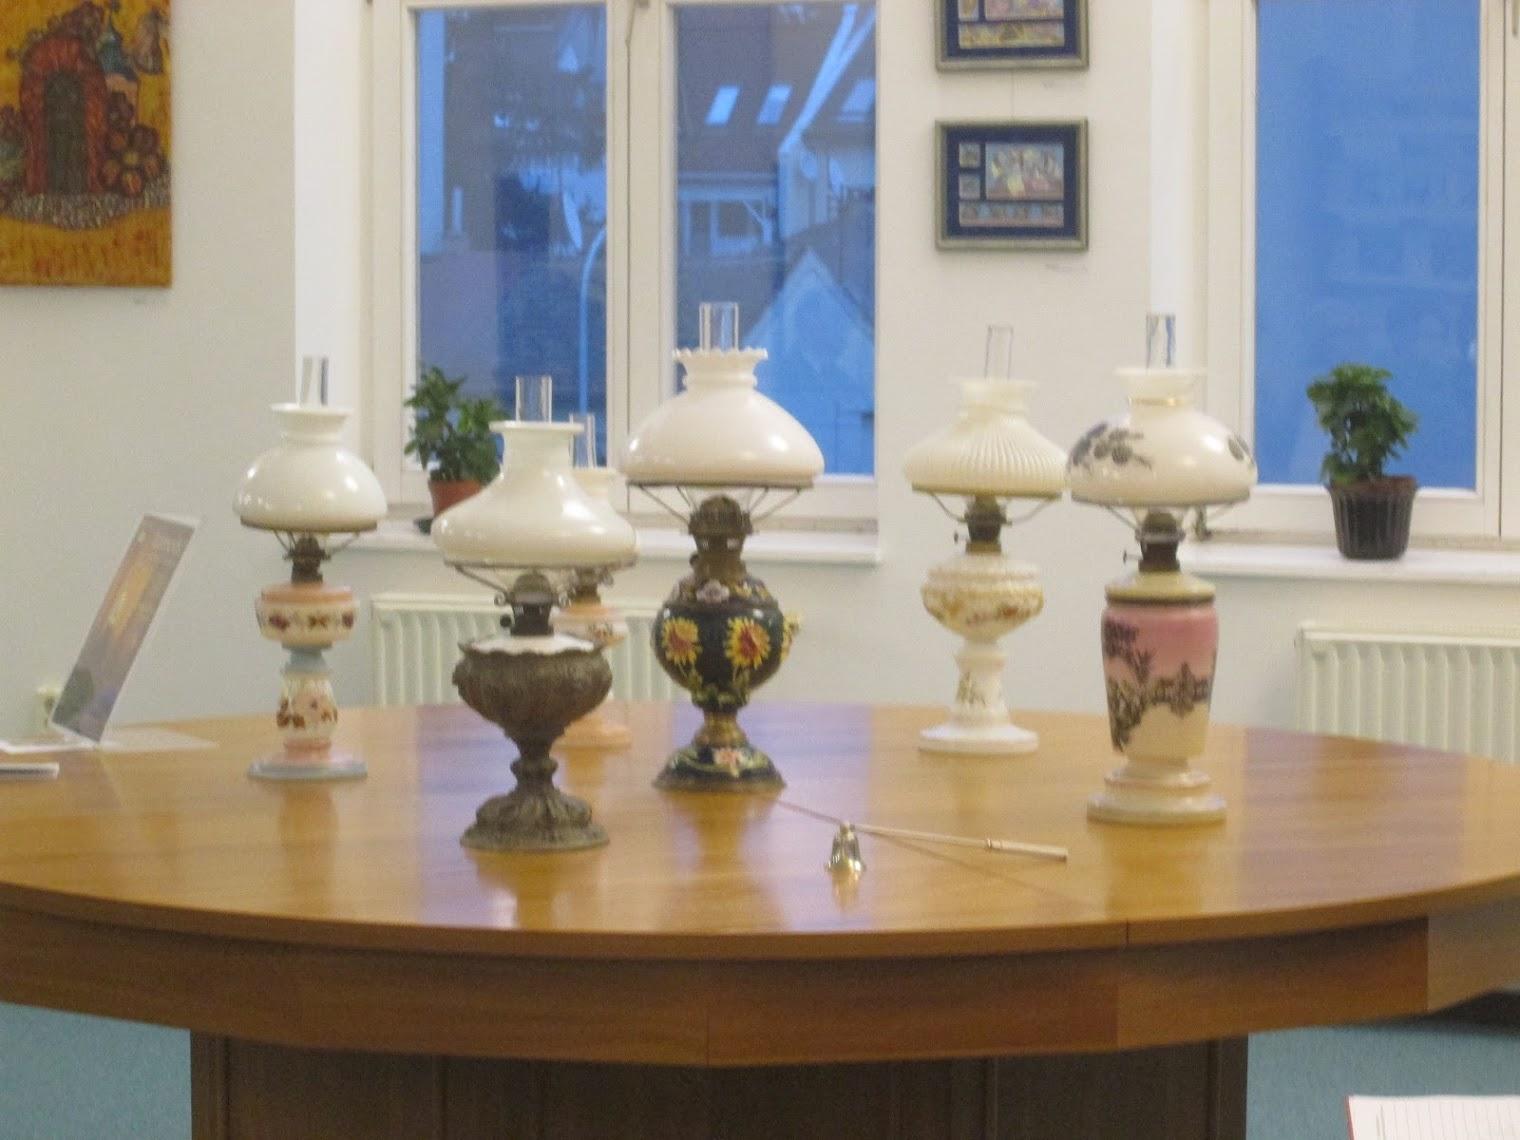 Régi lámpások egy asztalon